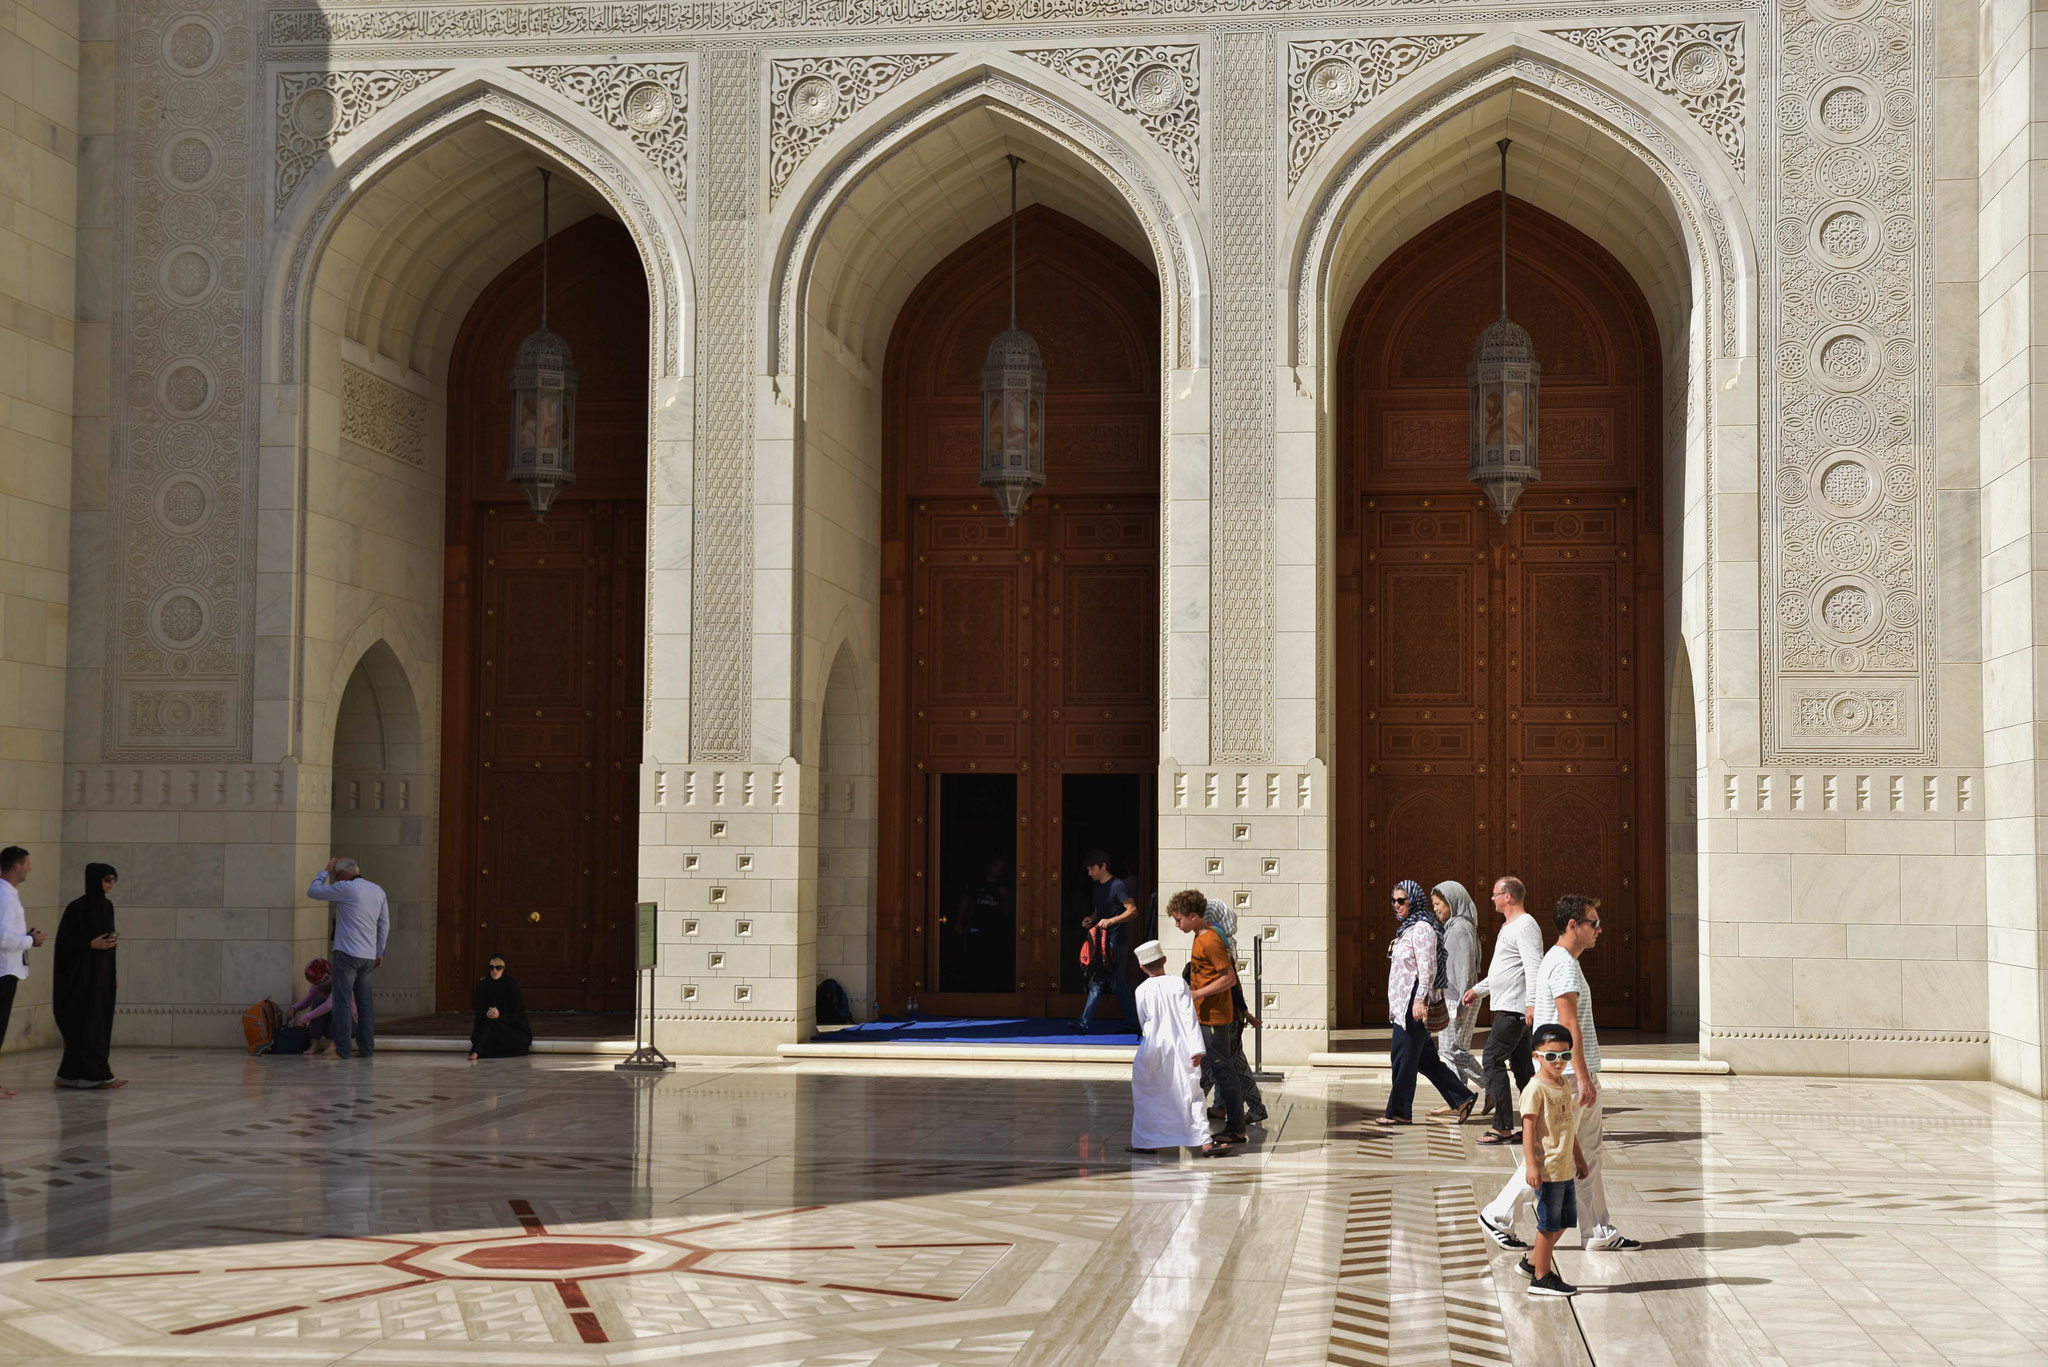 Holztüren in die Moschee